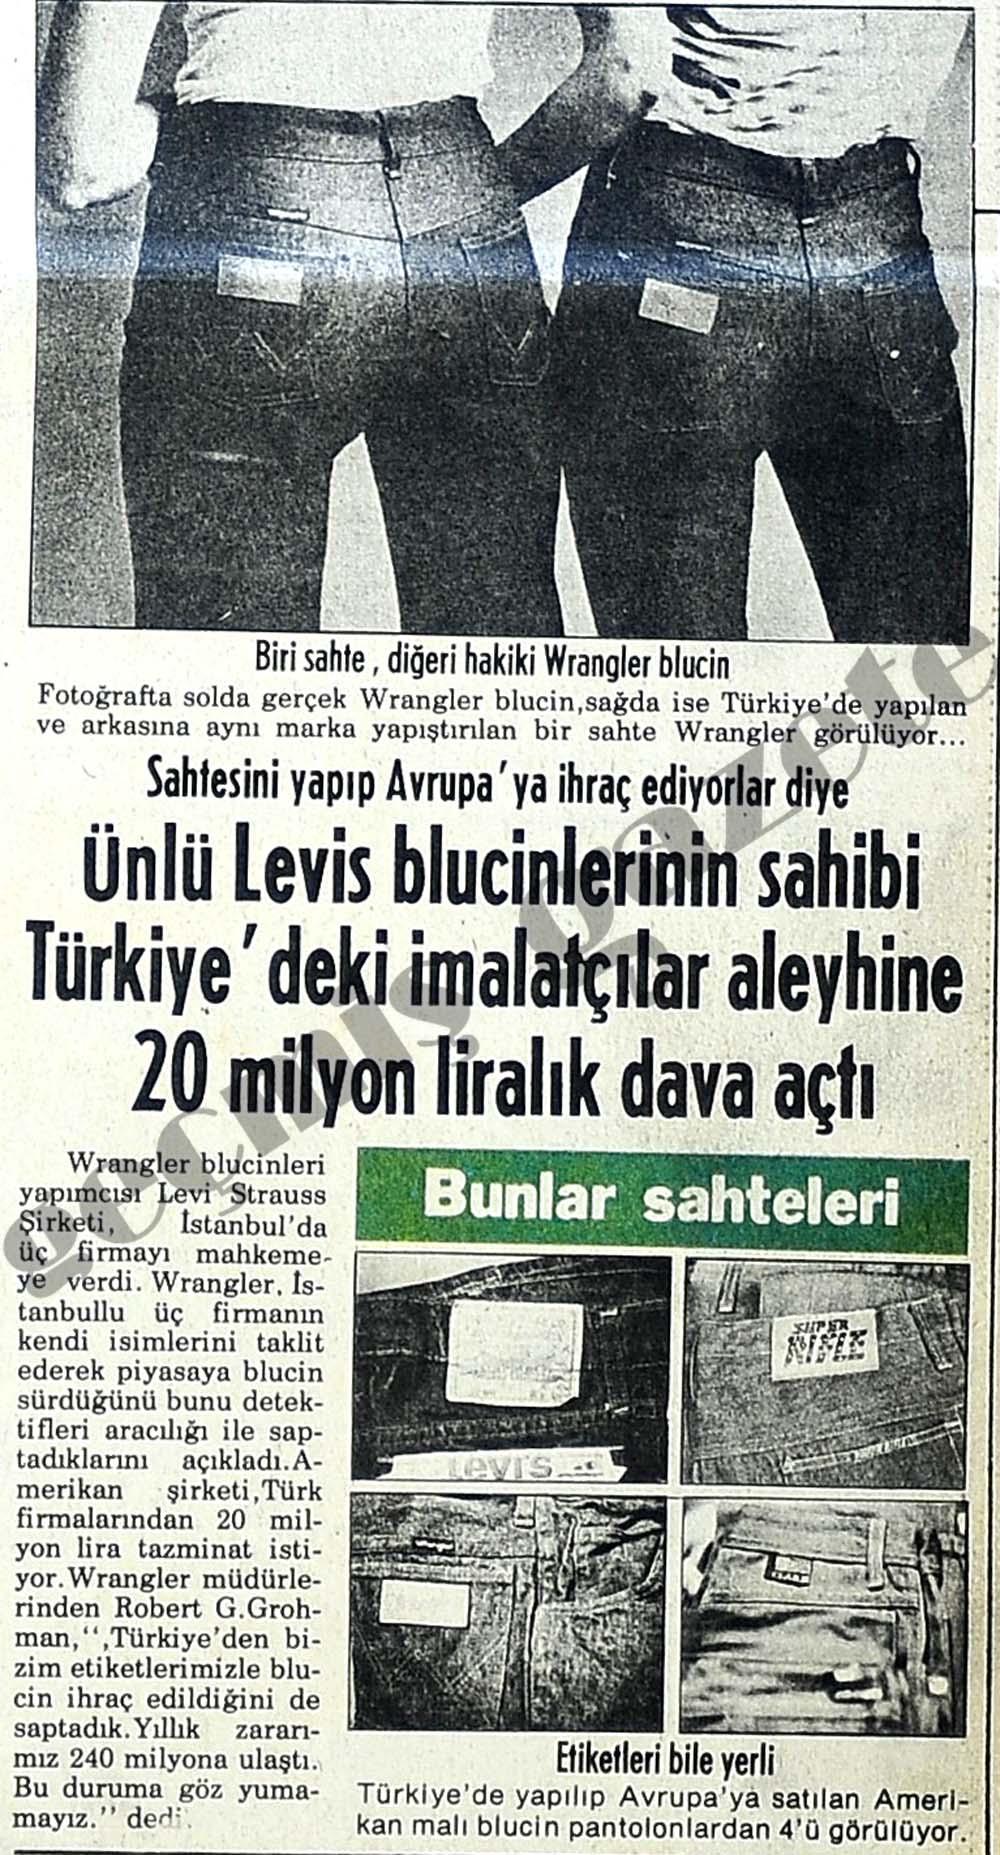 Ünlü Levis blucinlerinin sahibi Türkiye'deki imalatçılar aleyhine 20 milyon liralık dava açtı